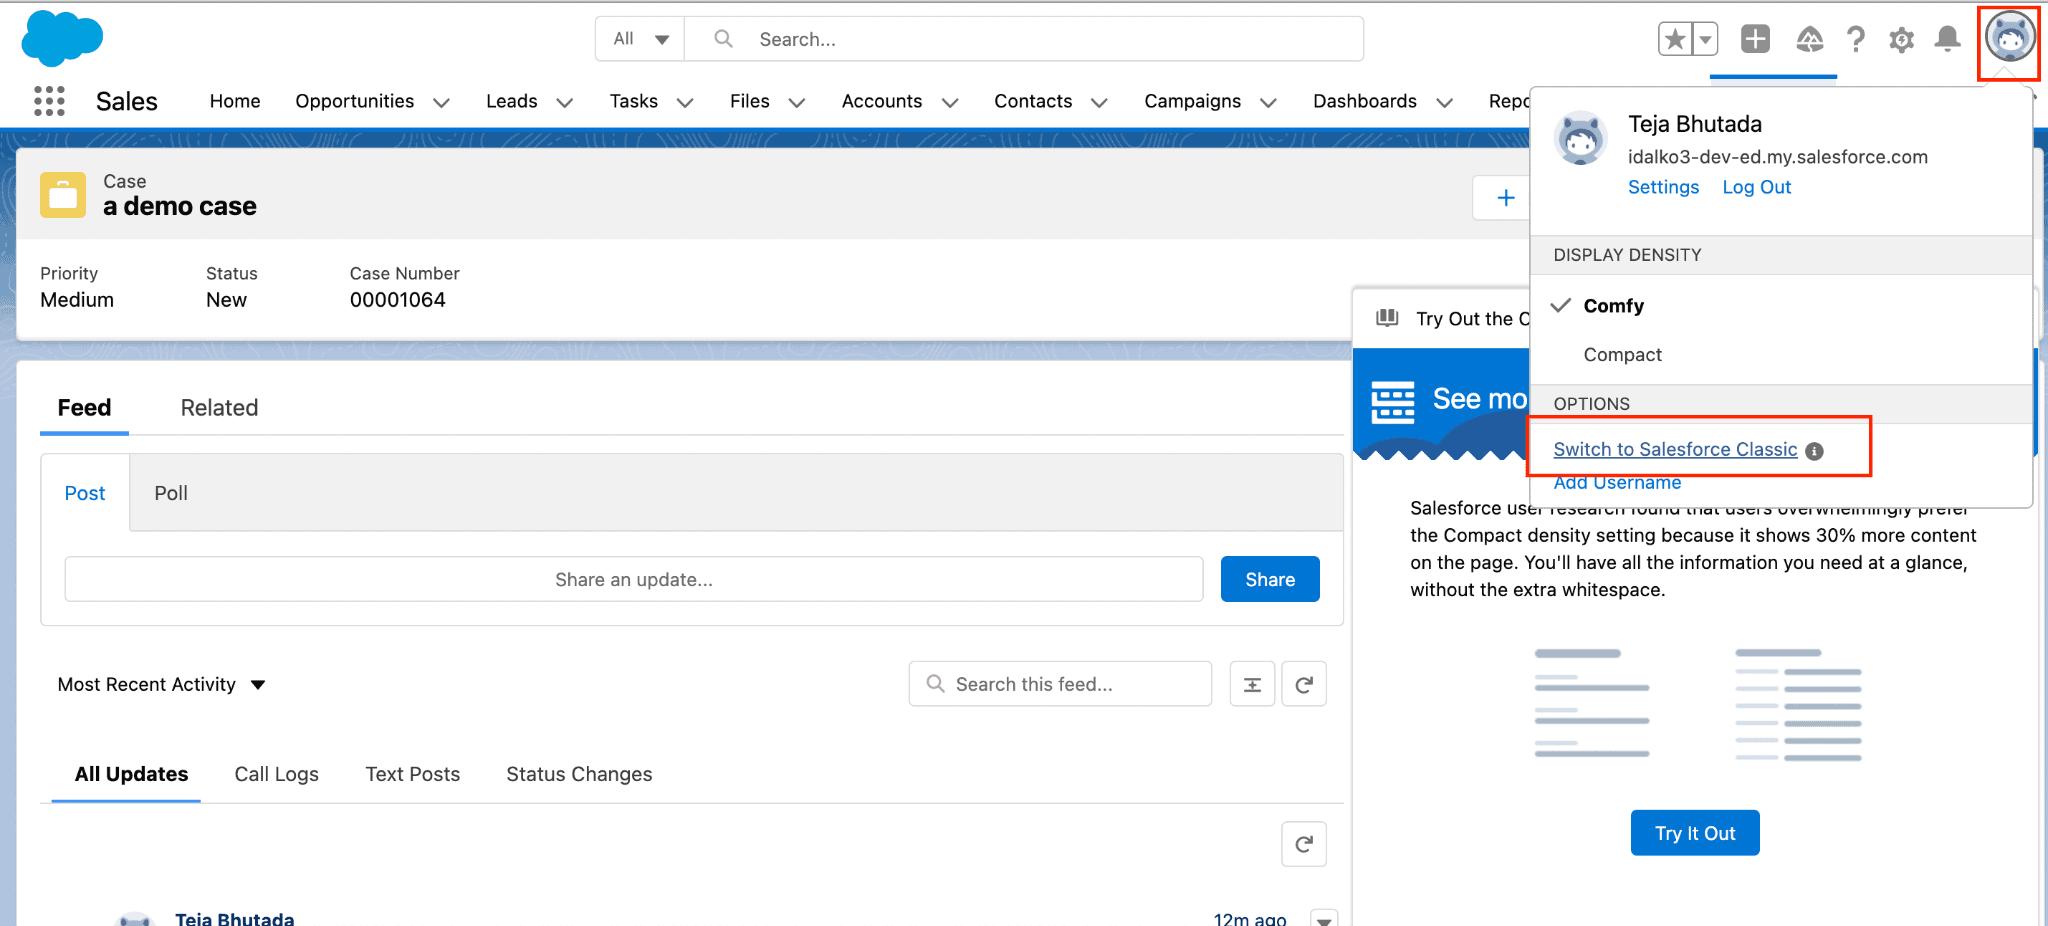 Salesforce Tracker URL